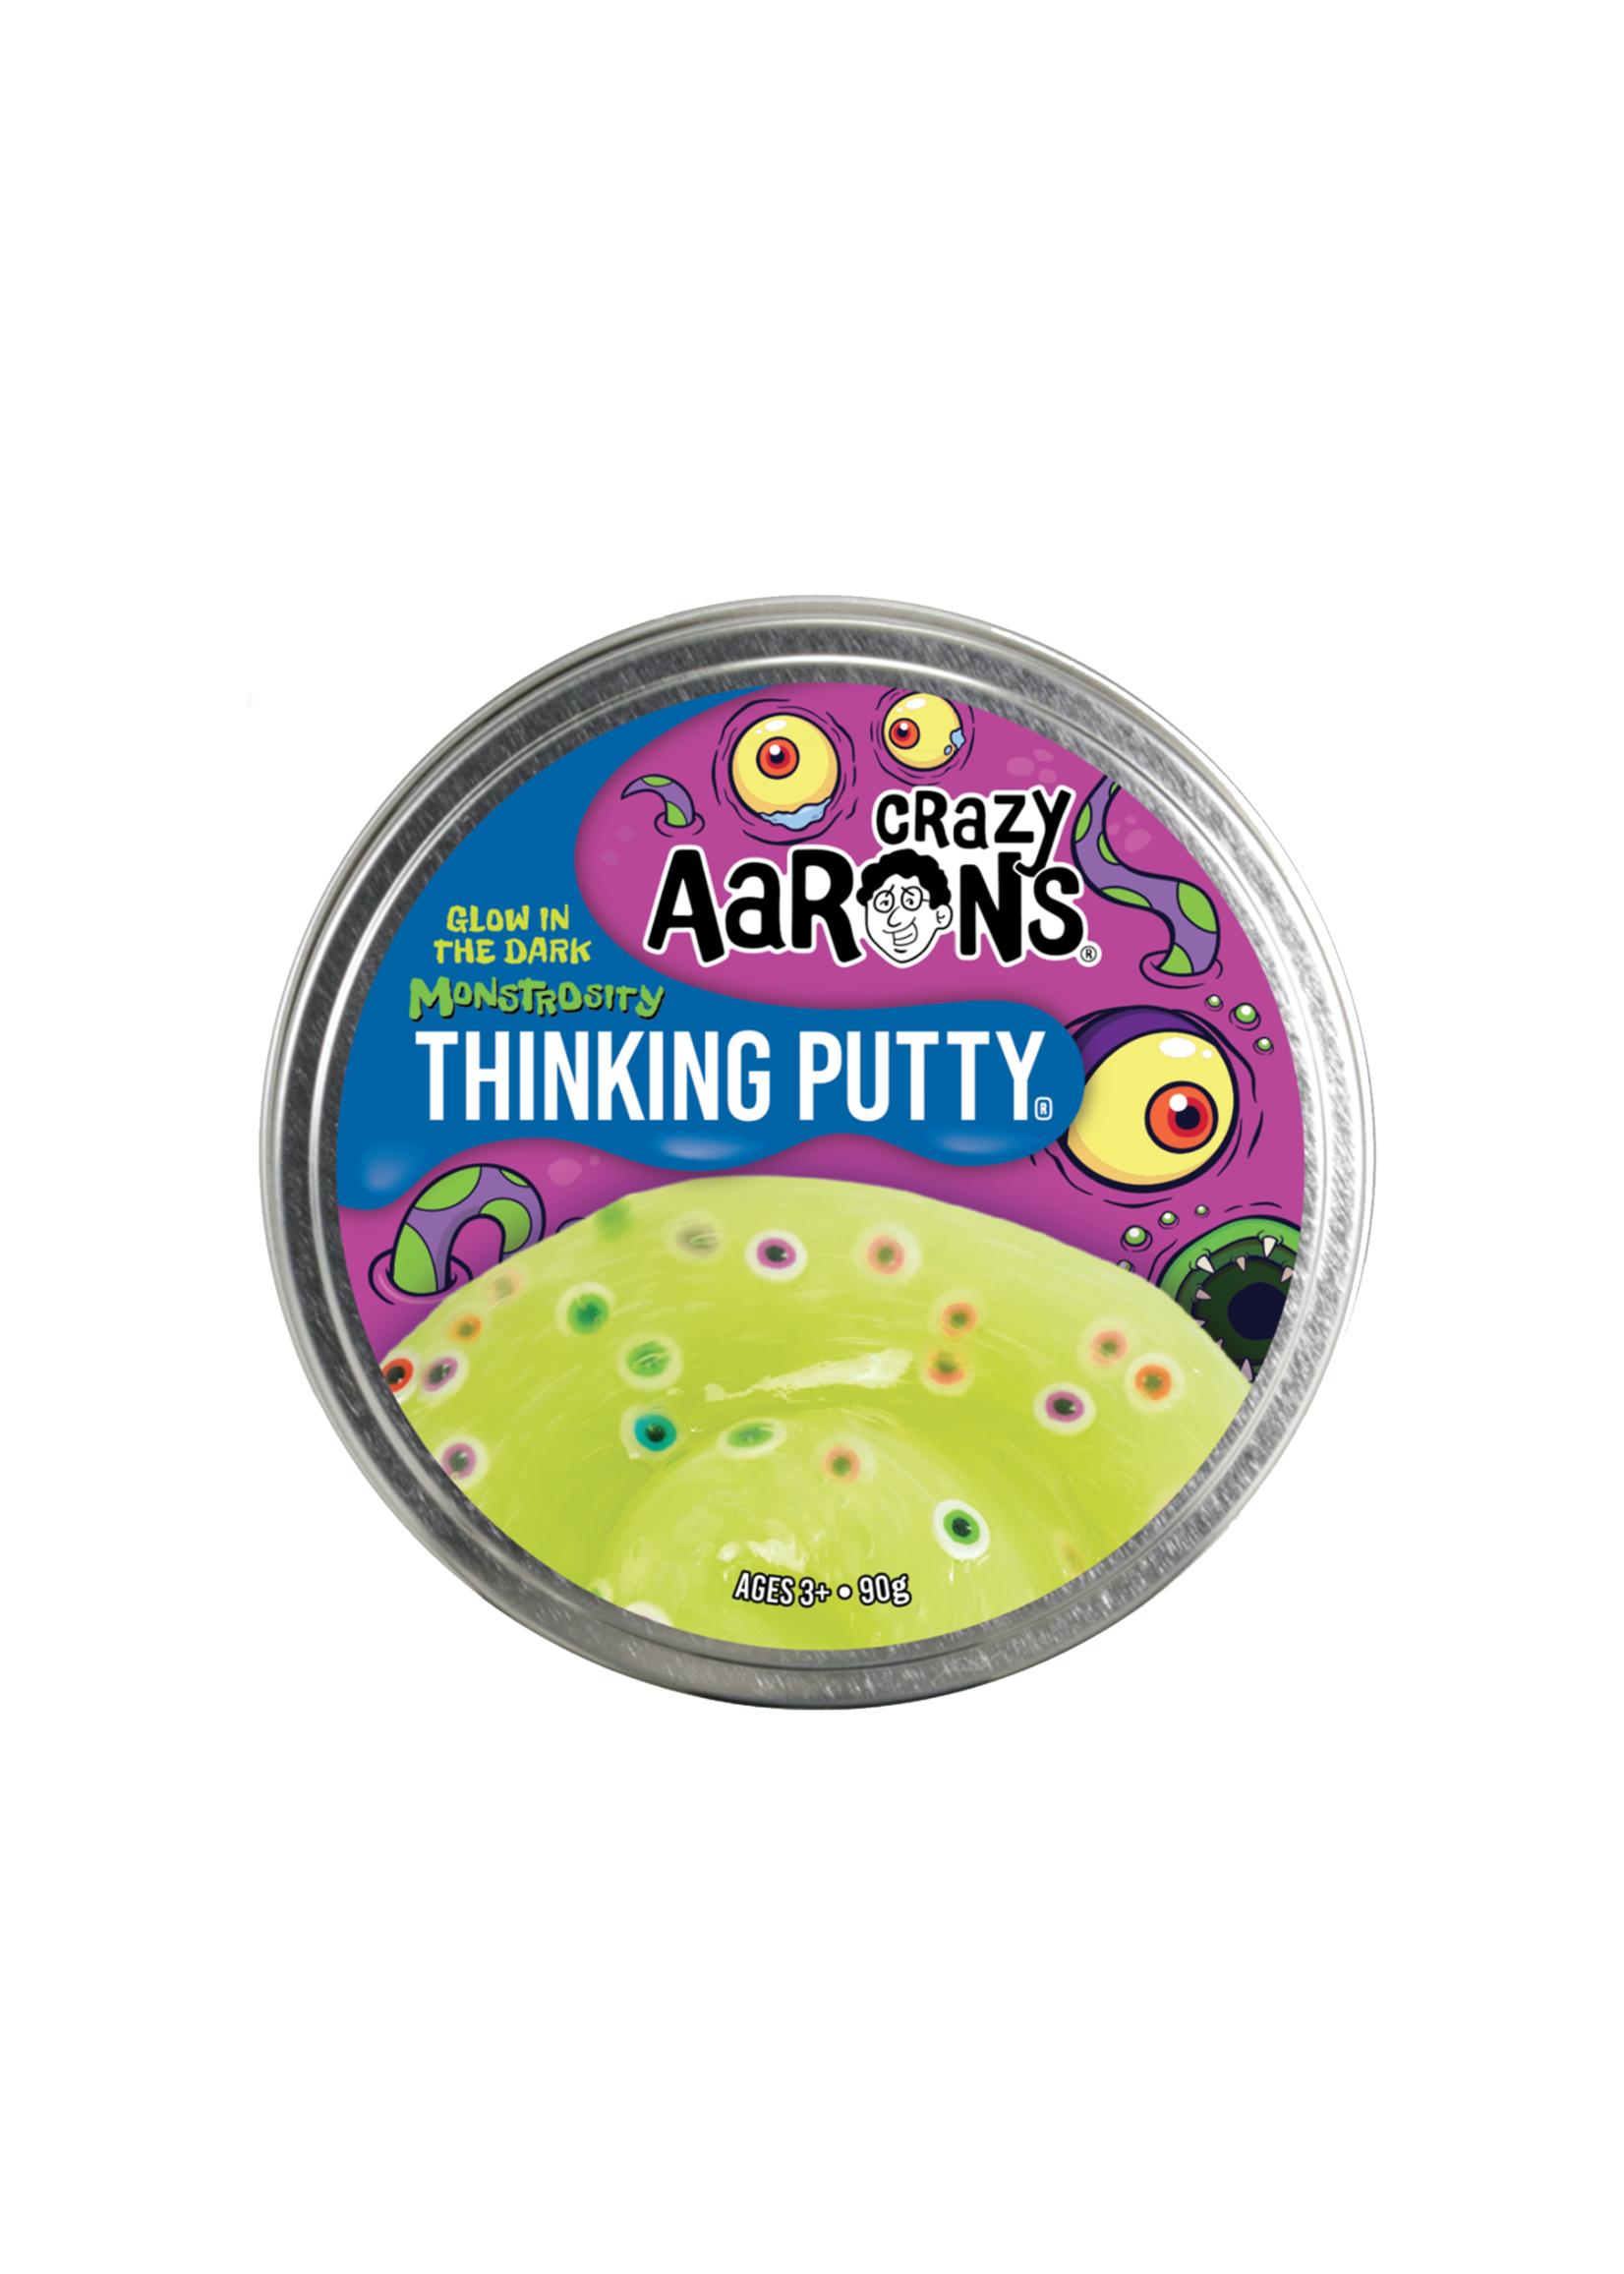 Crazy Aarons Trendsetters, Monstrosity